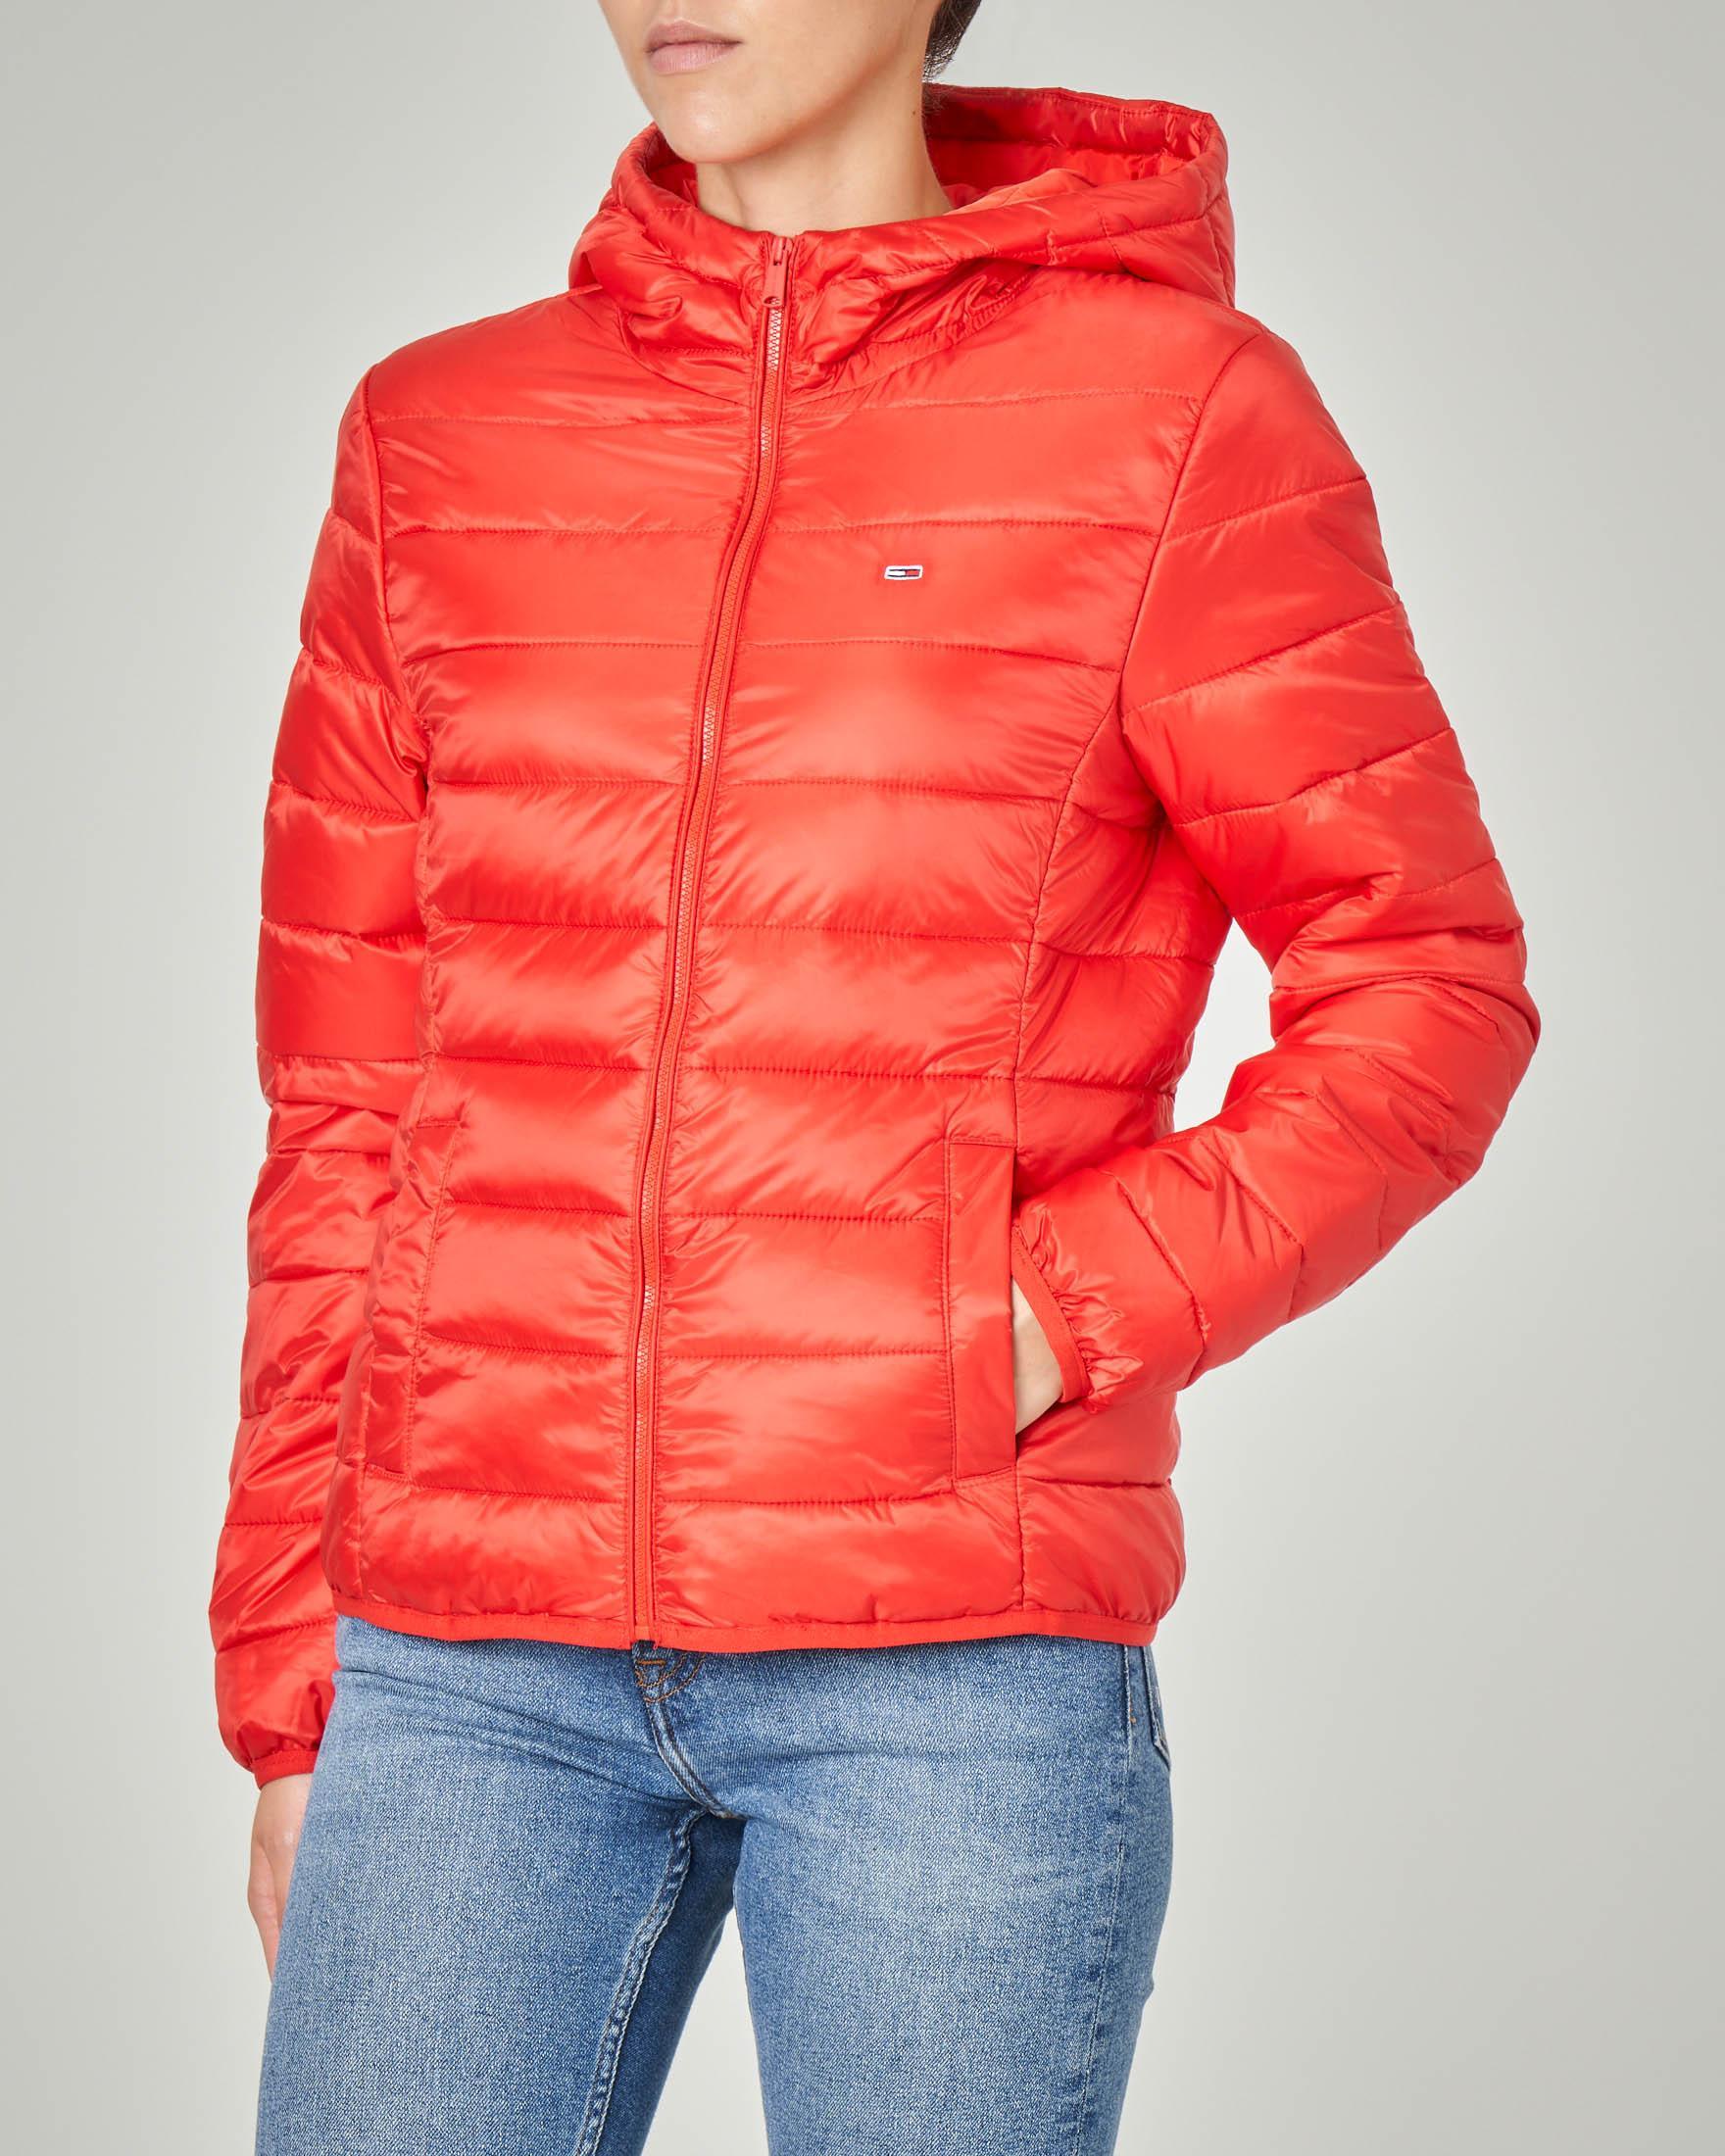 Piumino corto rosso con cappuccio linea sfiancata